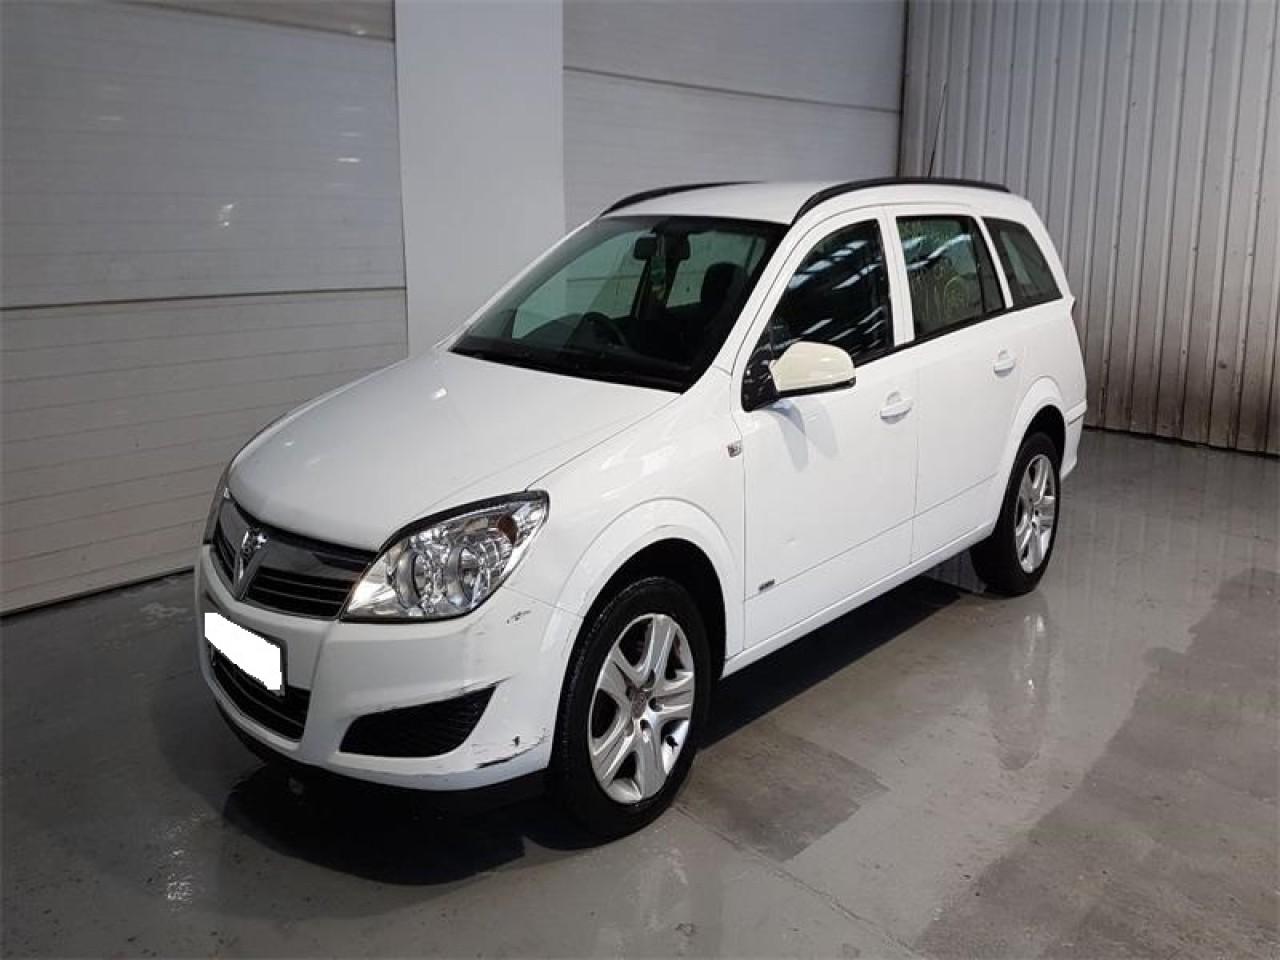 Consola centrala Opel Astra H 2010 Break 1.3 CDTi